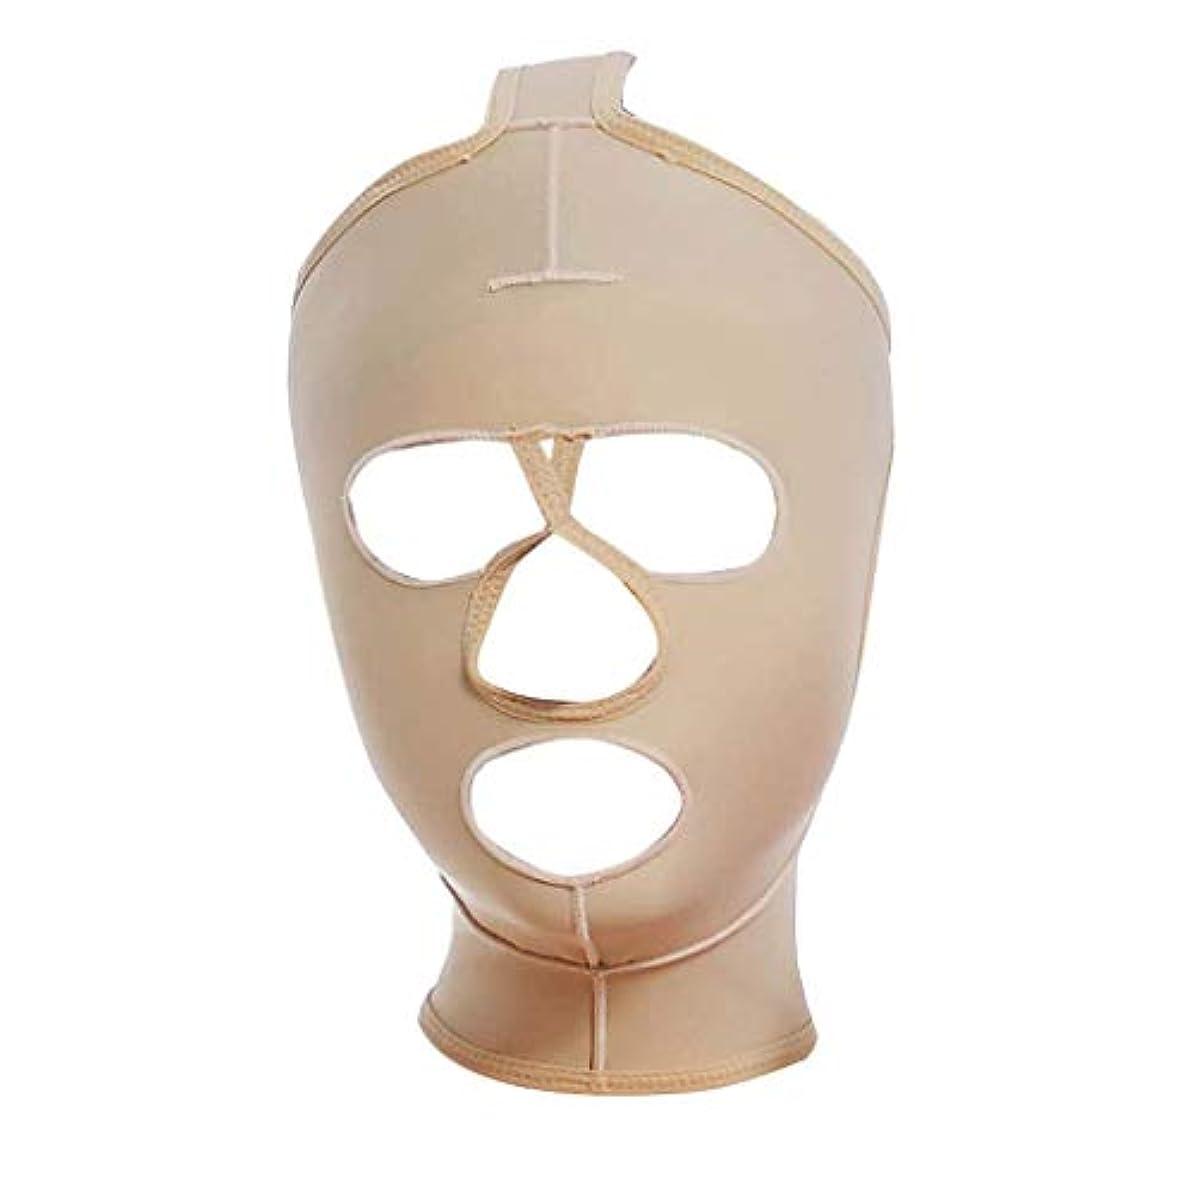 ペチュランスジャズ労働者フェイス&ネックリフト、減量フェイスマスク脂肪吸引術脂肪吸引術整形マスクフードフェイスリフティングアーティファクトVフェイスビームフェイス弾性スリーブ(サイズ:XXL),XS